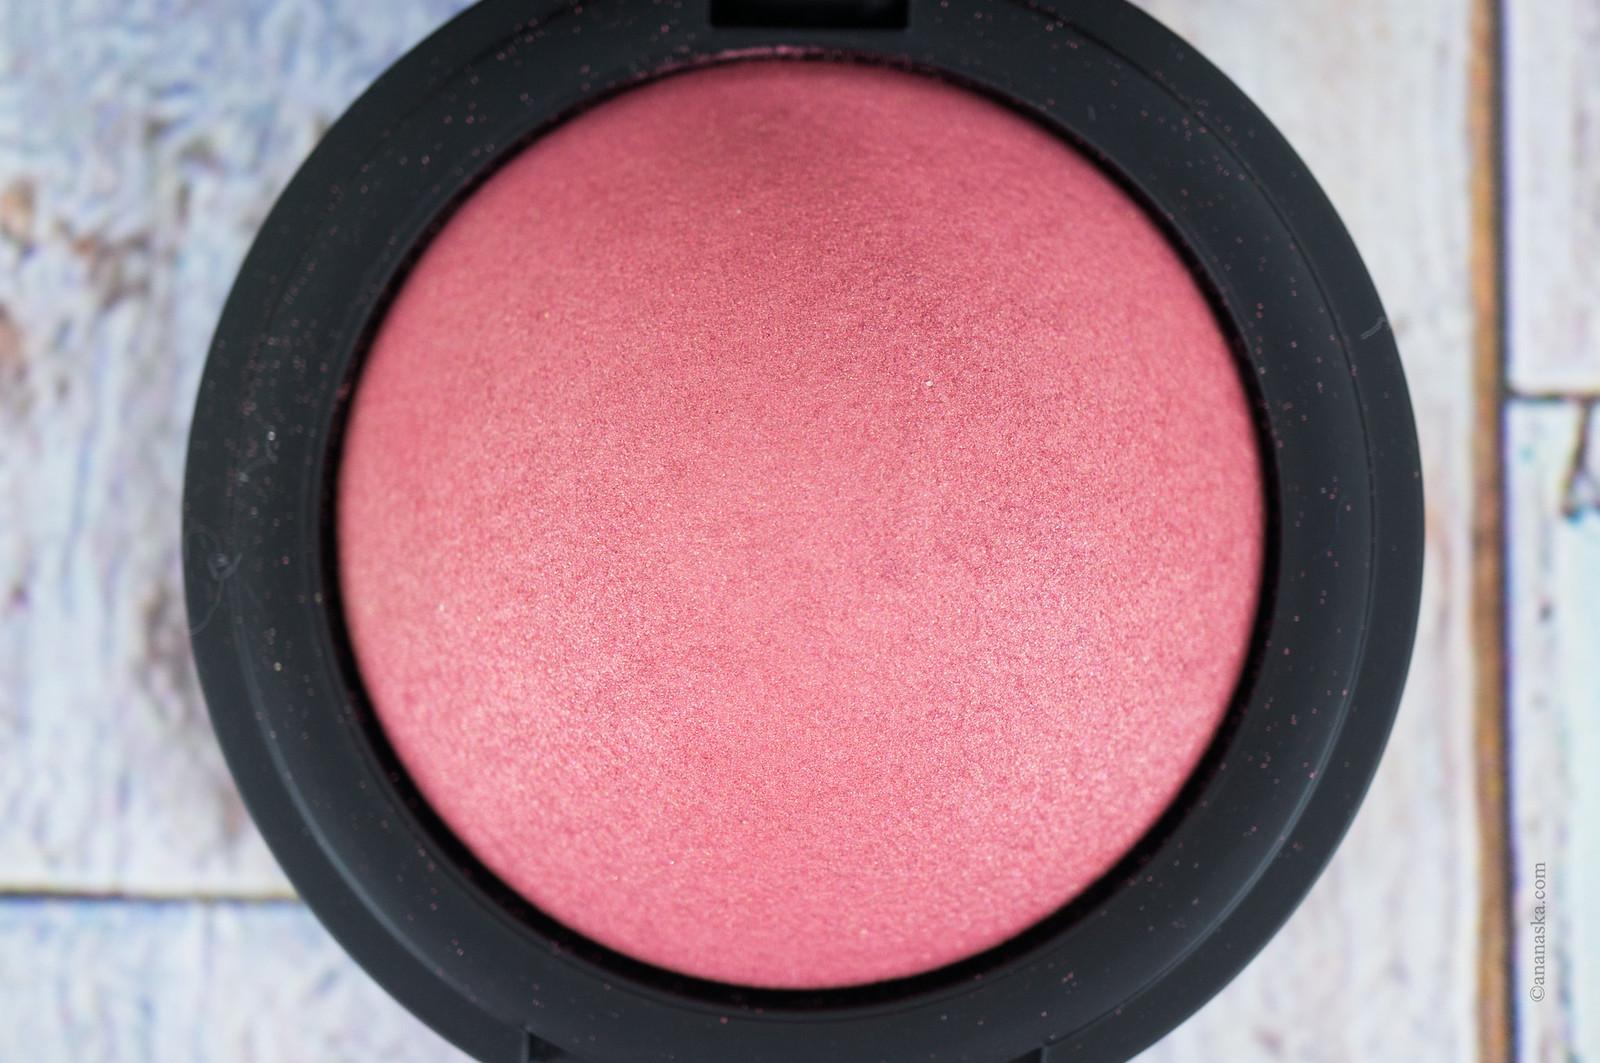 WYCON Cosmetics Candy Blush 03 Warm Cheeks